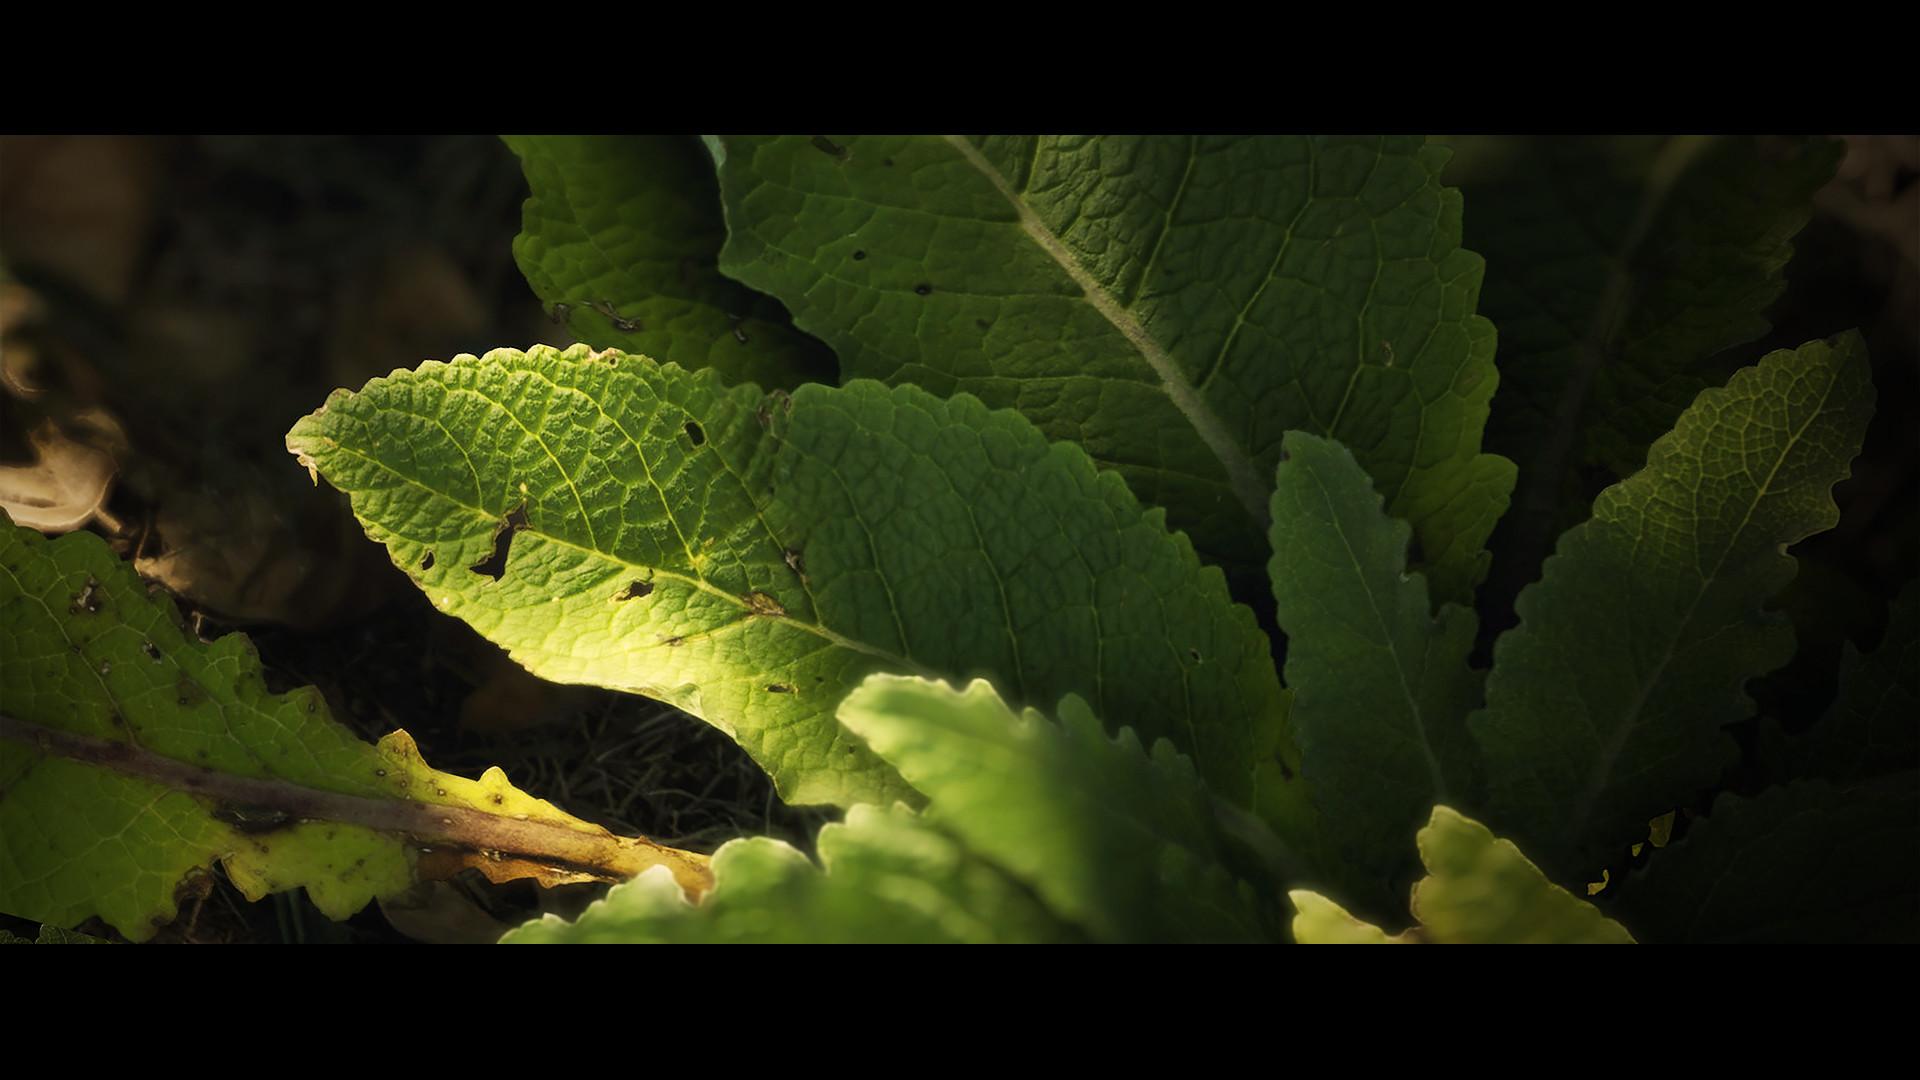 Joe garth plant leaf